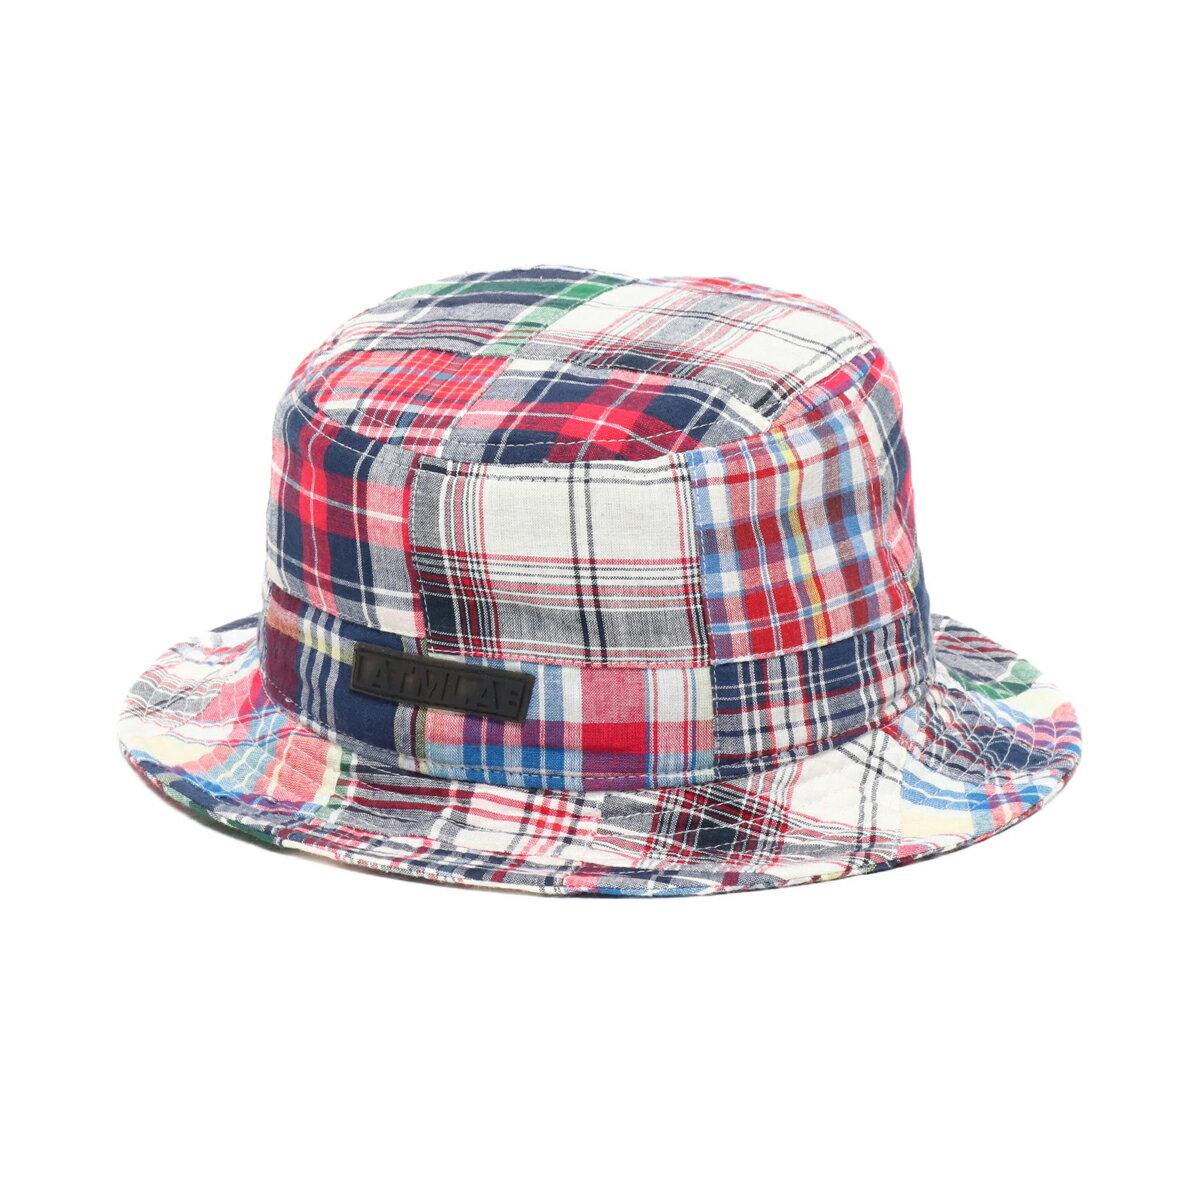 メンズ帽子, ハット ATMOS LAB PATCHWORK BUCKET HAT( )NAVY 19SP-I